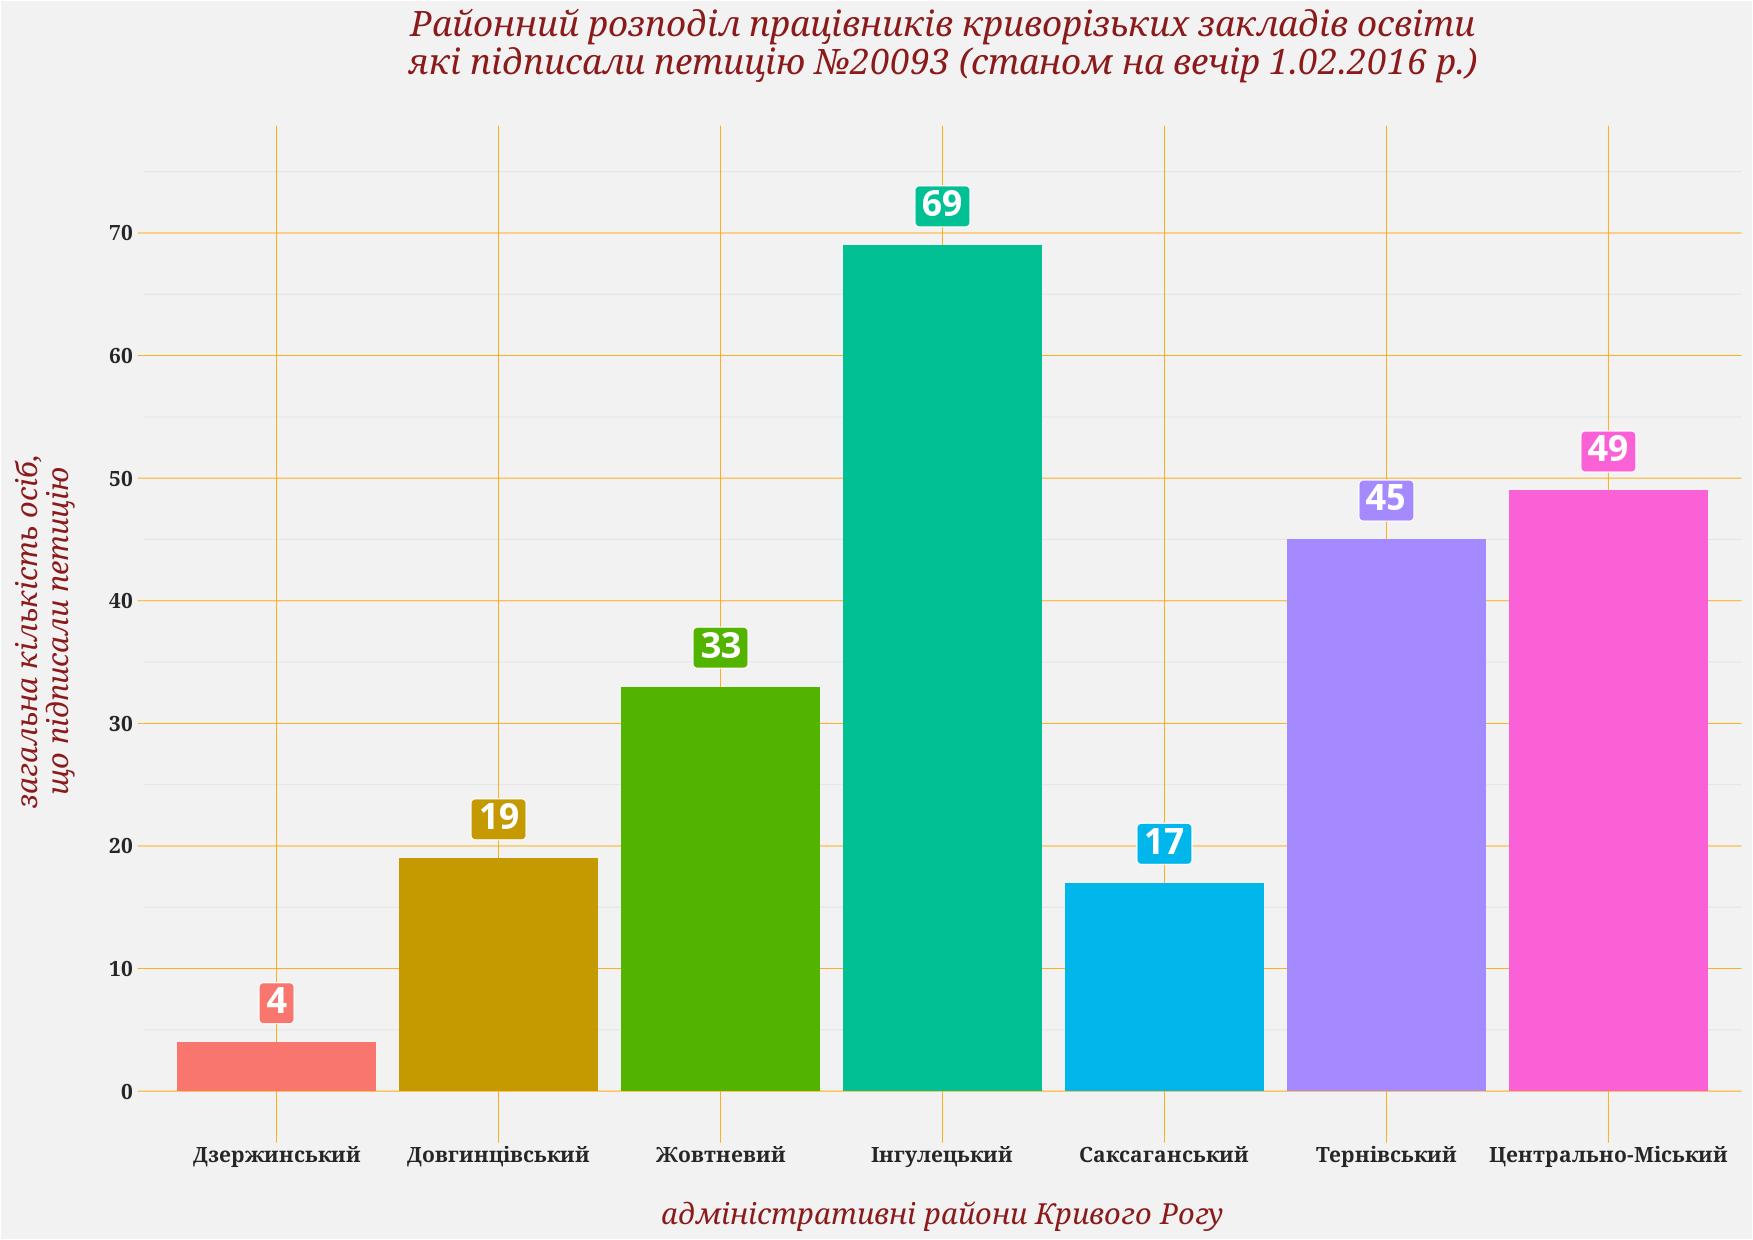 Районний розподіл працівників криворізьких закладів освіти які підписали петицію №20093